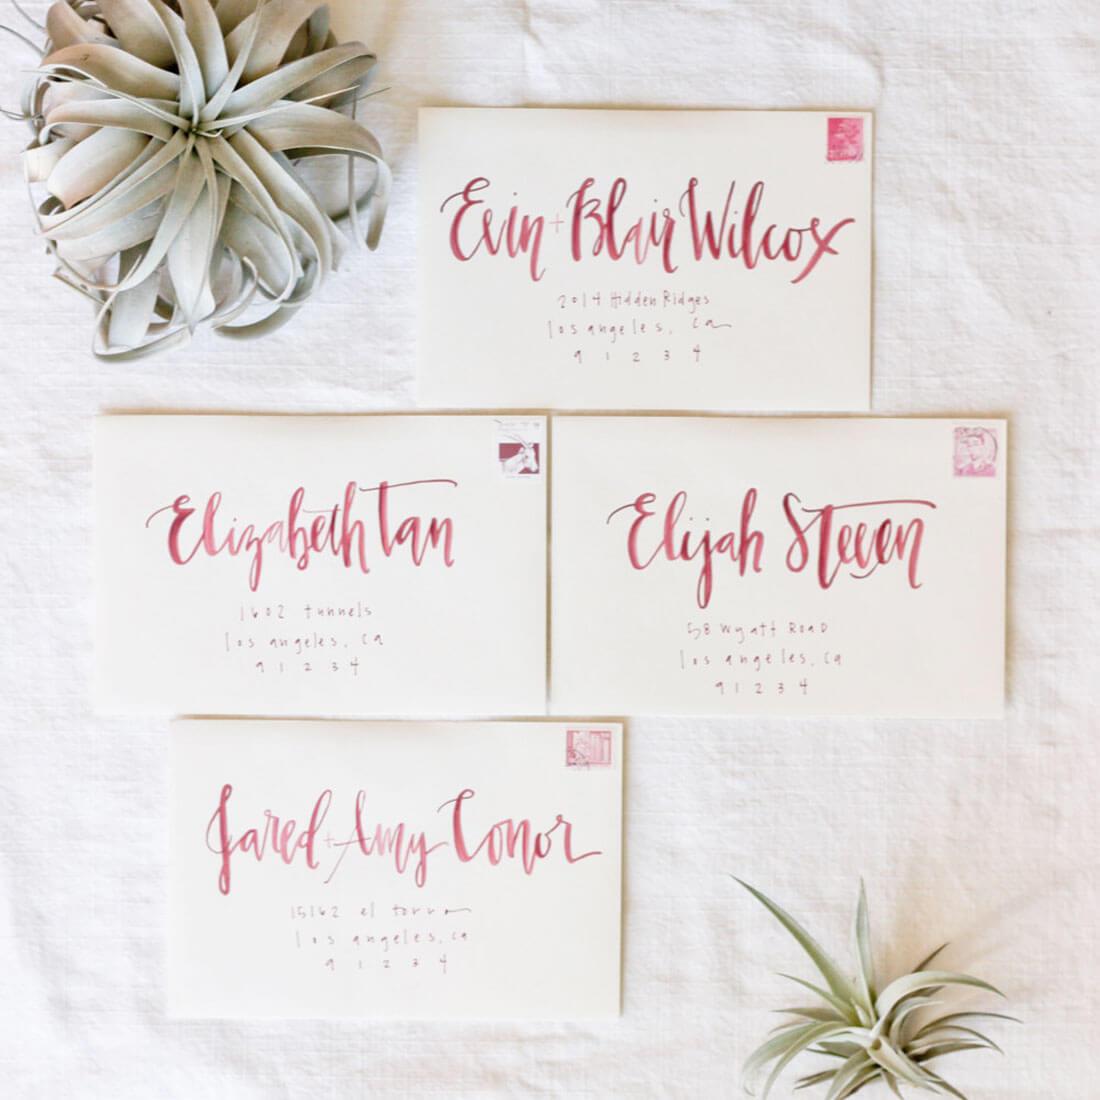 diseño-tres-tendencias-tipografía-7